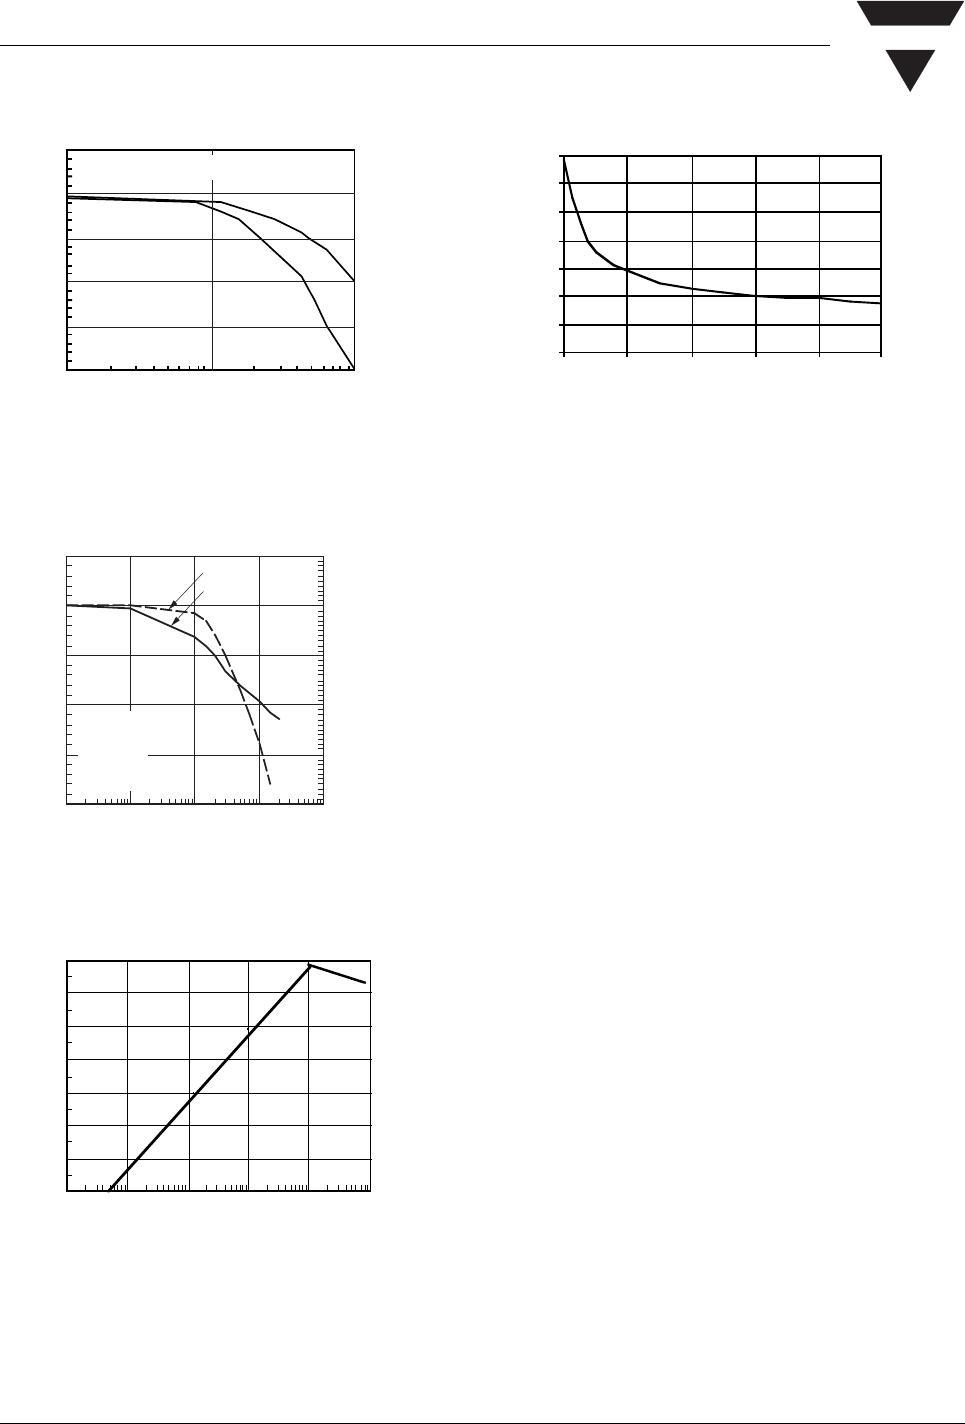 �9��yl$yi����il�f�X�_il300-f-x009 pdf下载及第8页内容在线浏览